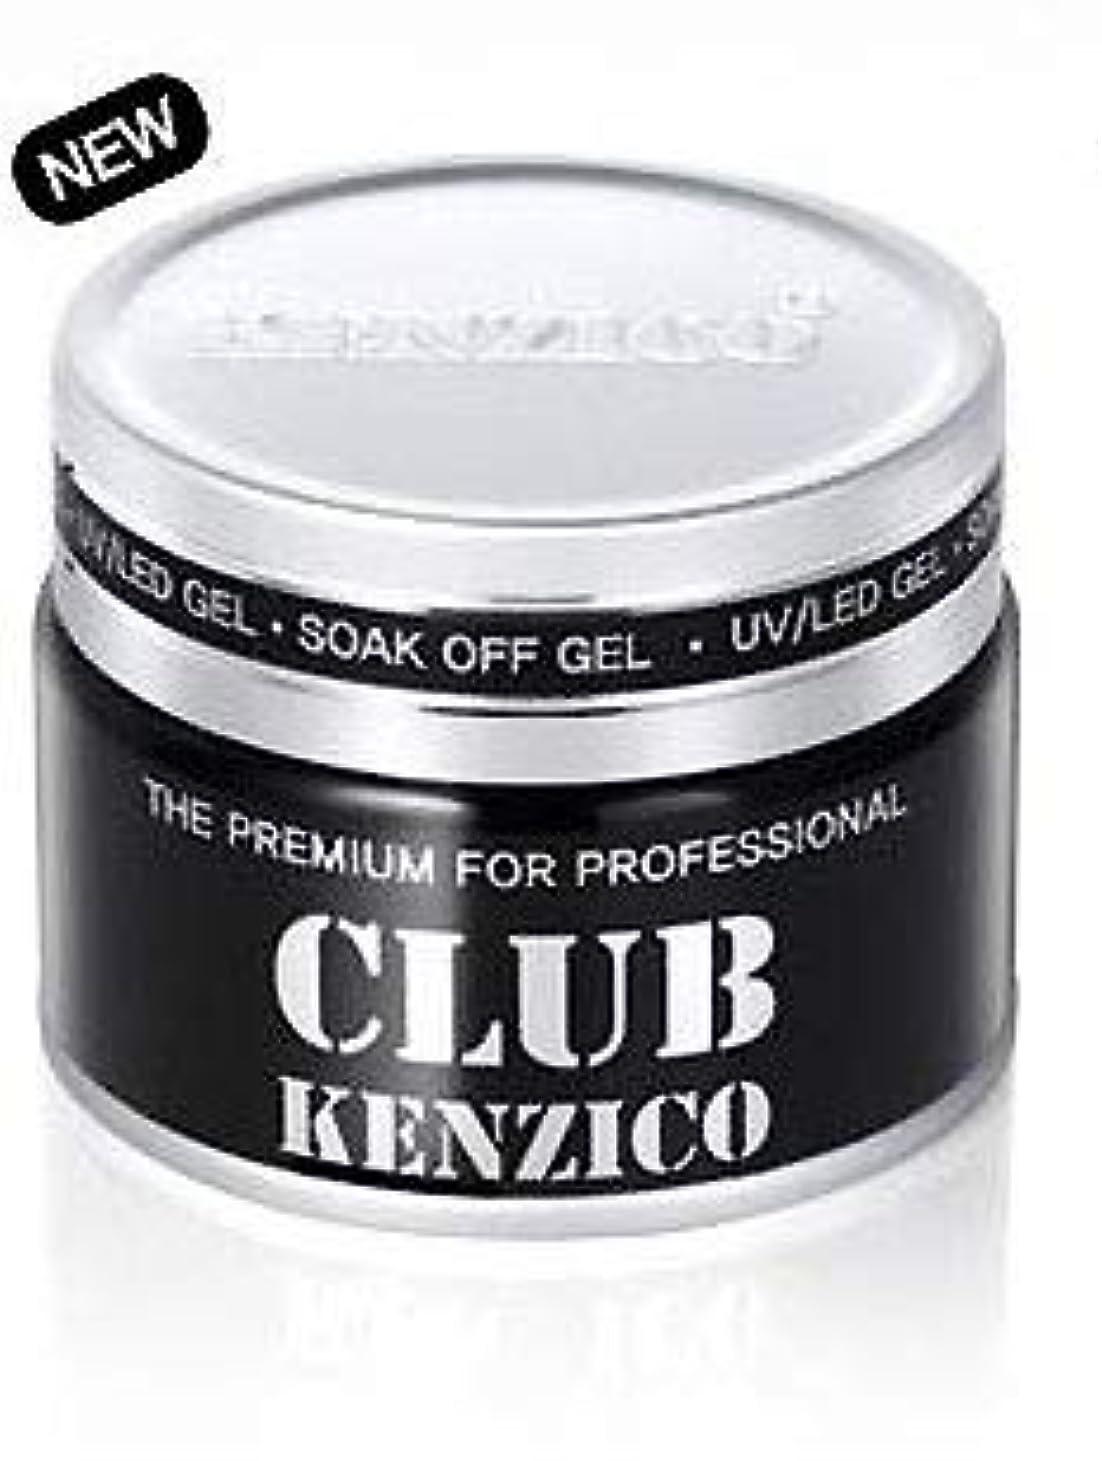 慈悲再集計活性化するKENZICO (ケンジコ) クリアージェル 25g オーバーレイ、スカルプチュア、ネイルパーツ作りなどに使えるクリアジェル